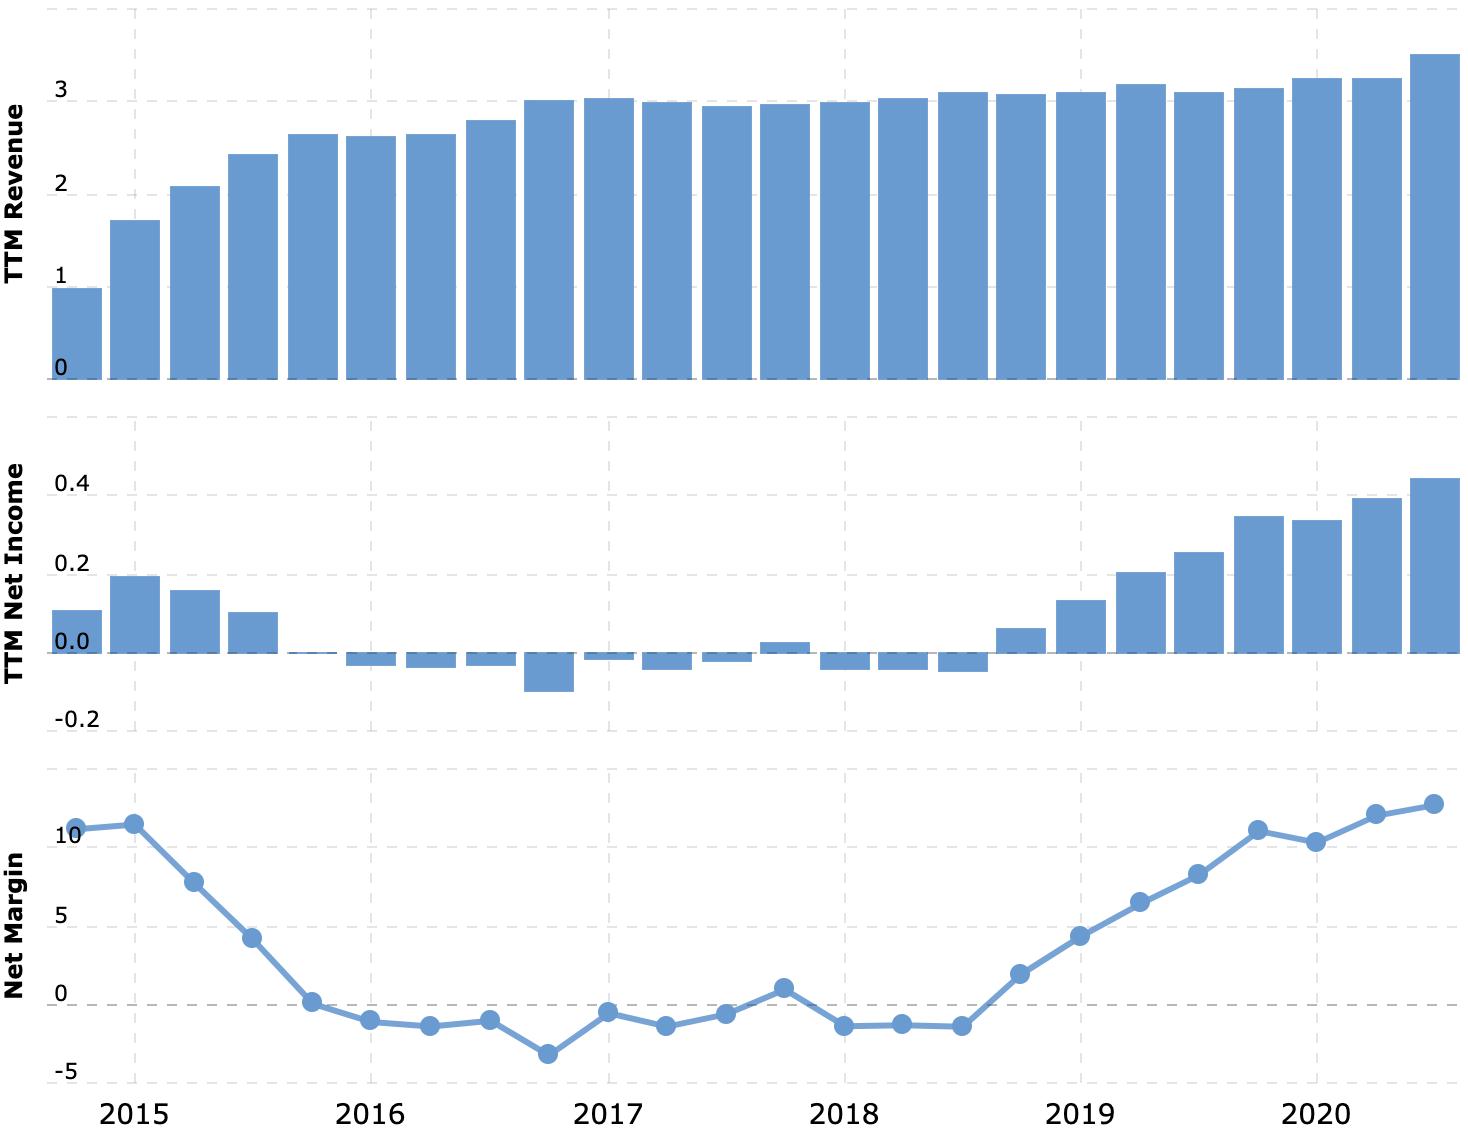 Выручка и прибыль или убыток за последние 12 месяцев, в миллиардах долларов. Итоговая маржа, в процентах от выручки. Источник: Macrotrends